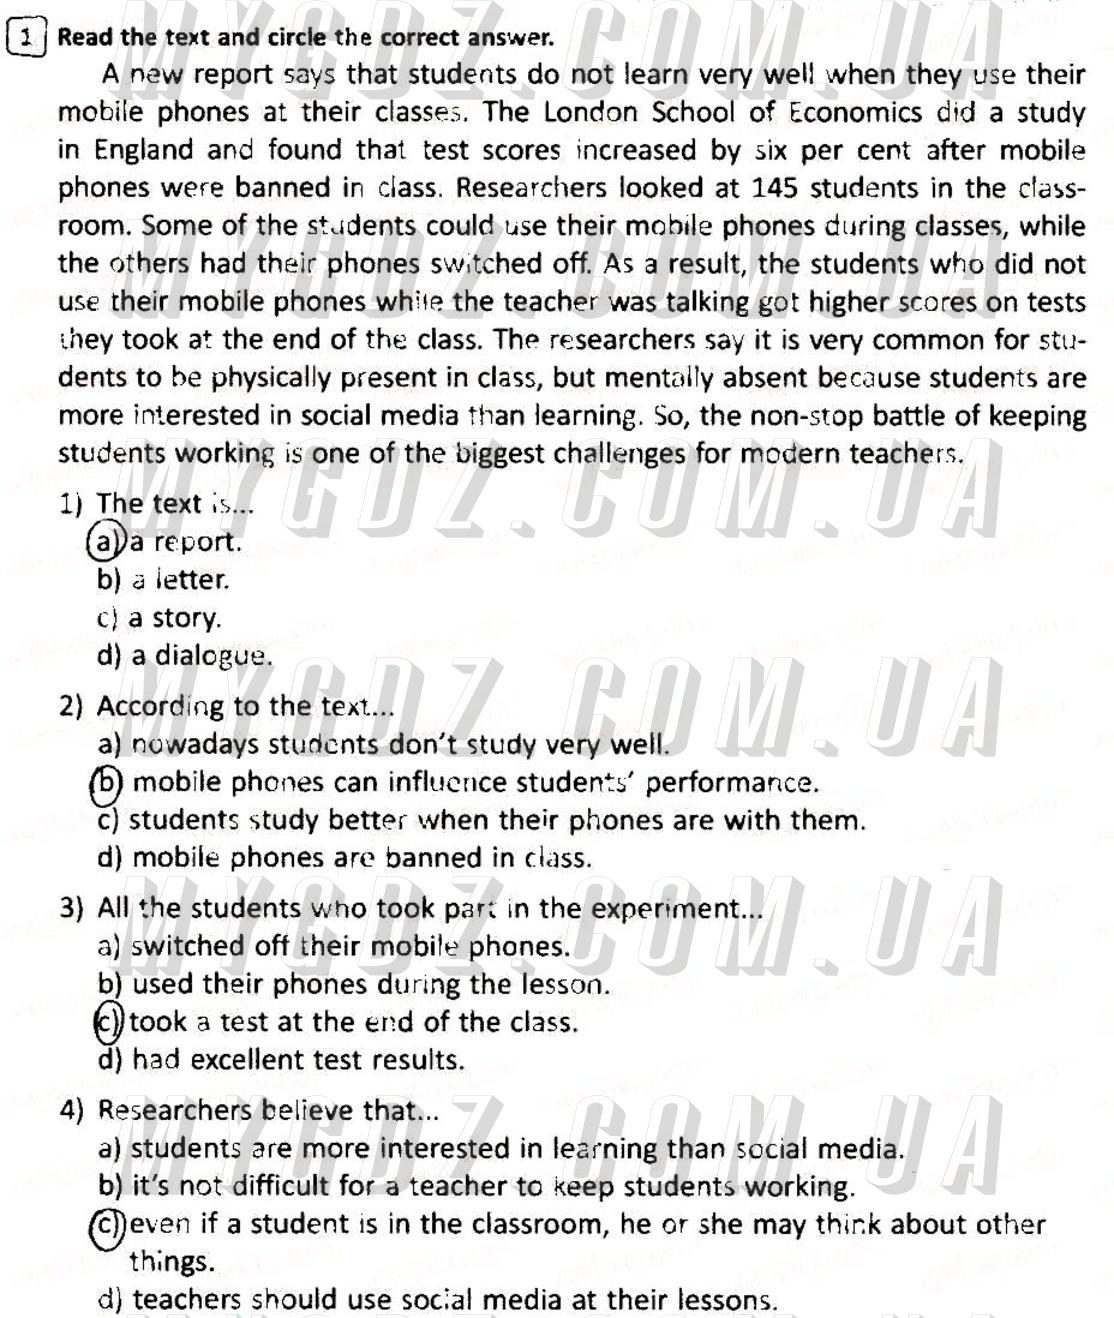 ГДЗ номер 1 до зошита для контролю рівня знань з англійської мови Мясоєдова 7 клас